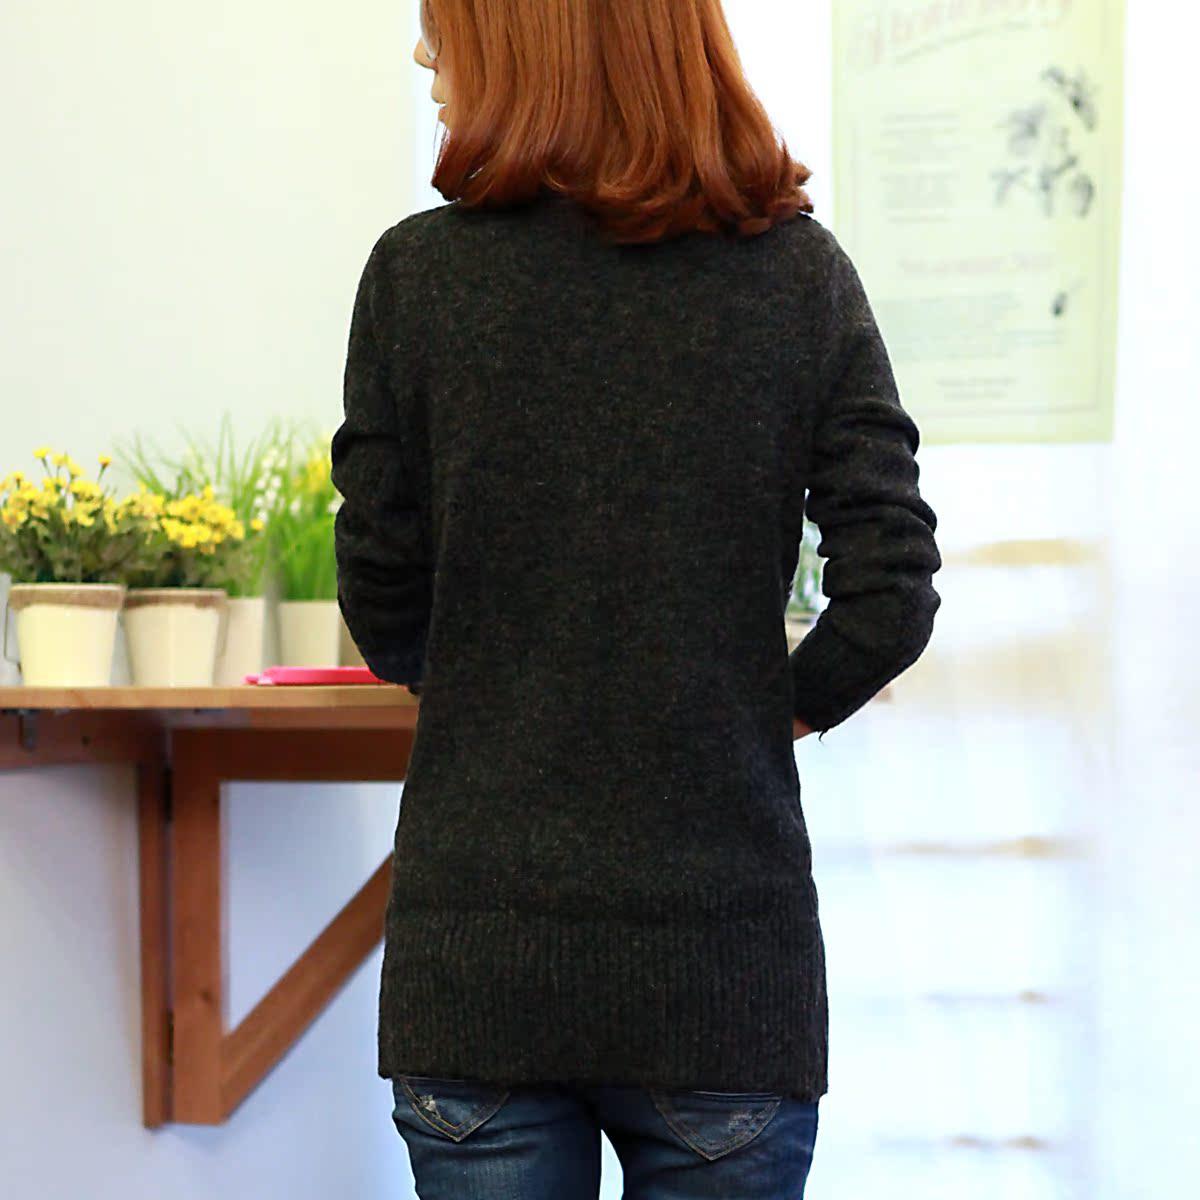 Свитер женский More brands 2012 хлопок осень 2012 длинный рукав классический рукав закругленный вырез